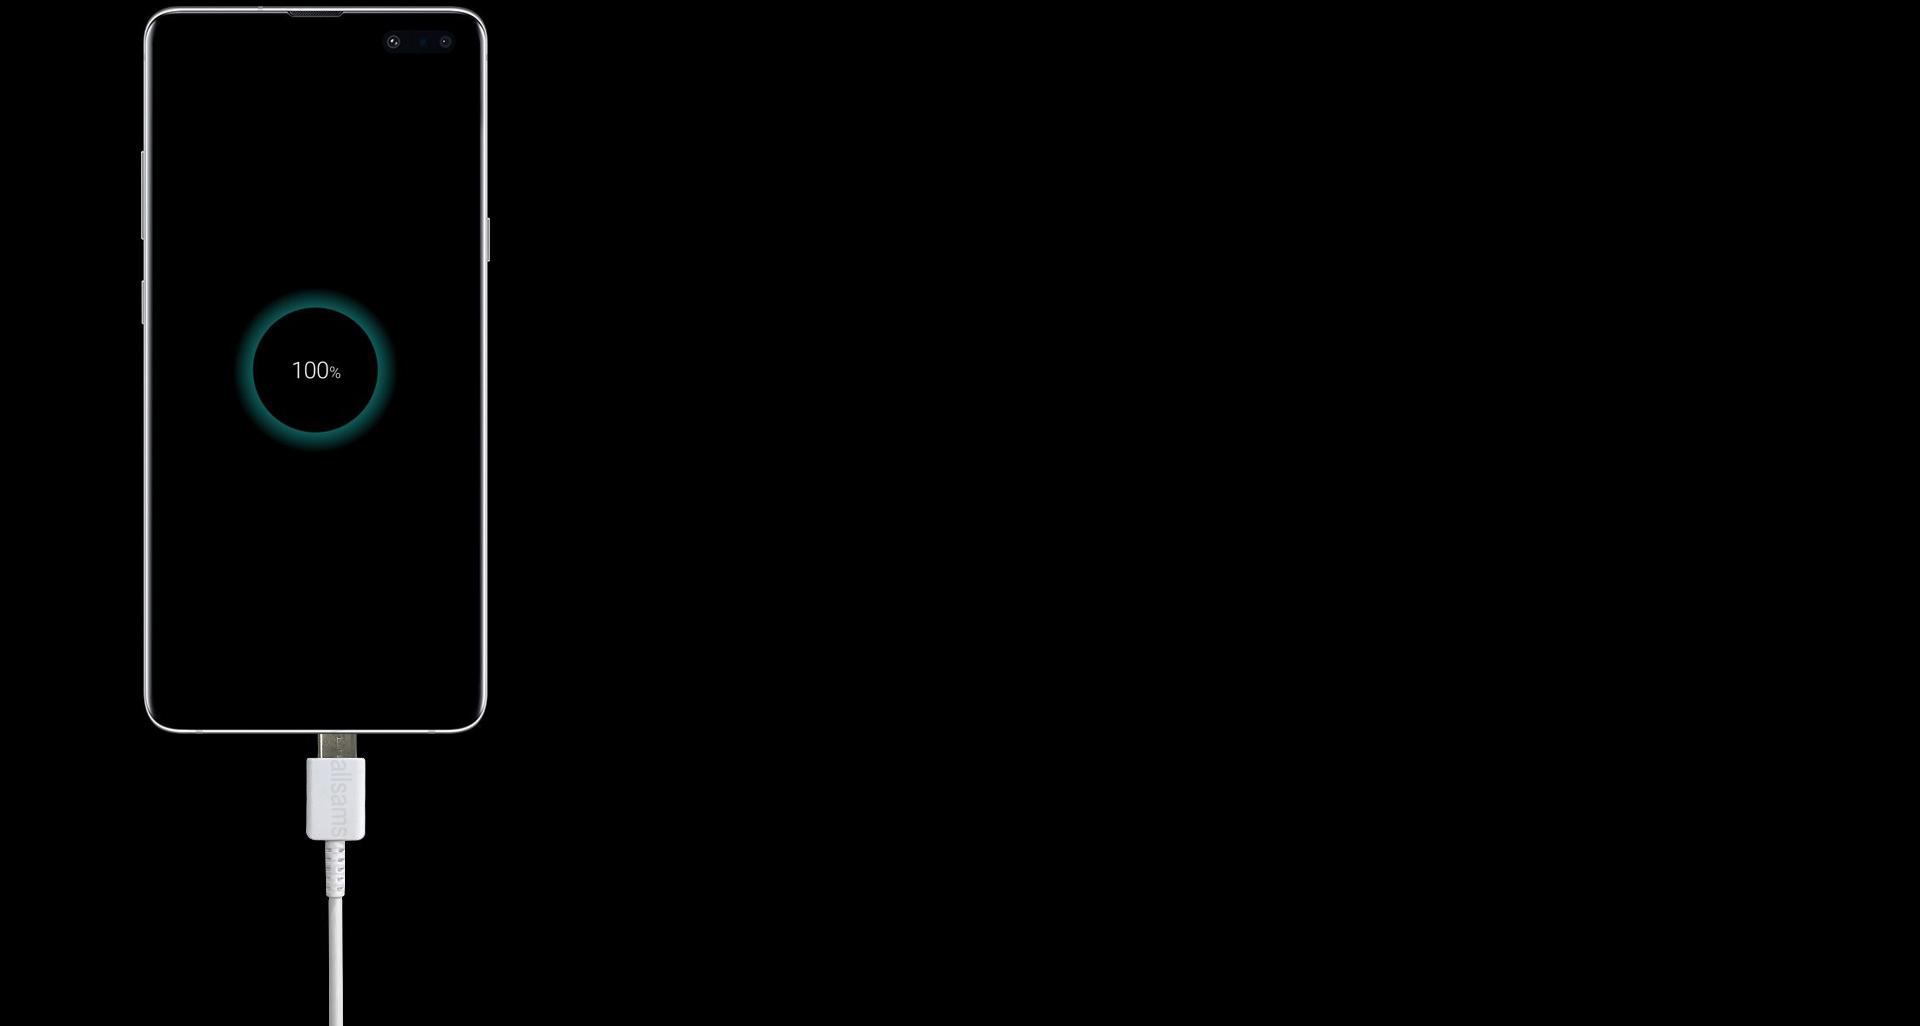 تکنولوژی سوپر فست شارژینگ گوشی گلکسی اس 10 5G